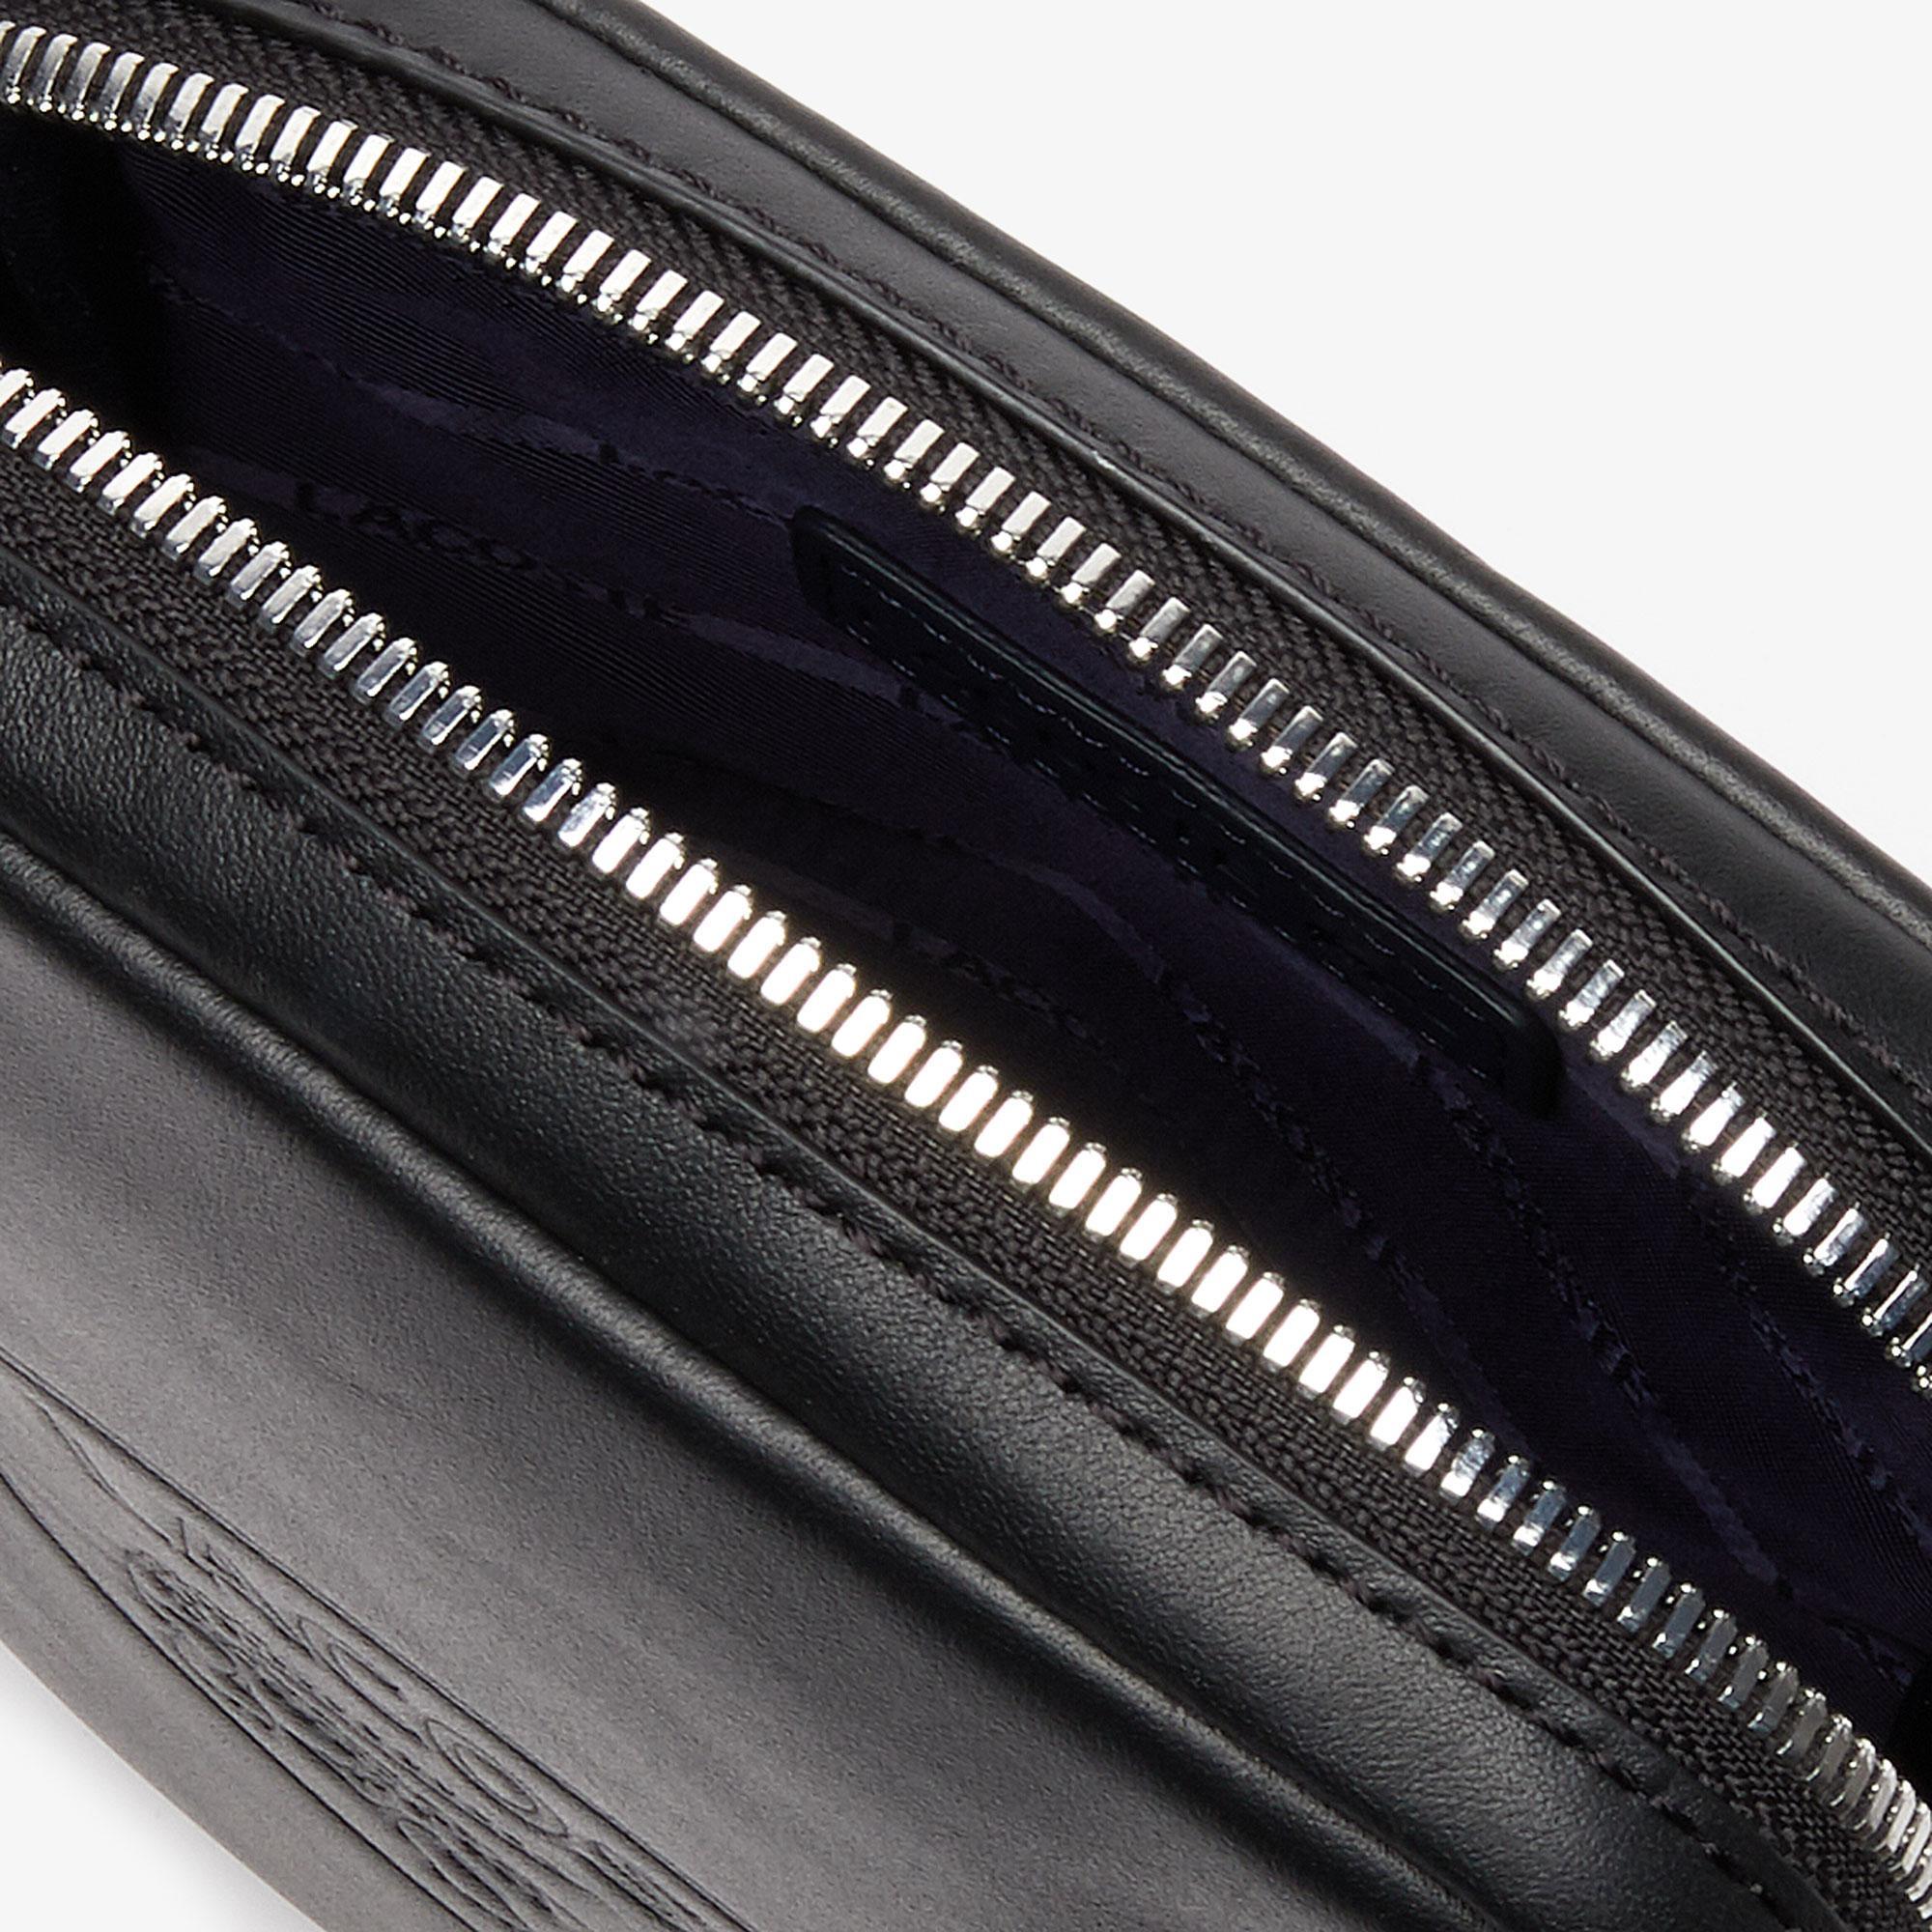 Lacoste L.12.12 Cuir Deri Timsah Baskılı Siyah Kamera Çantası